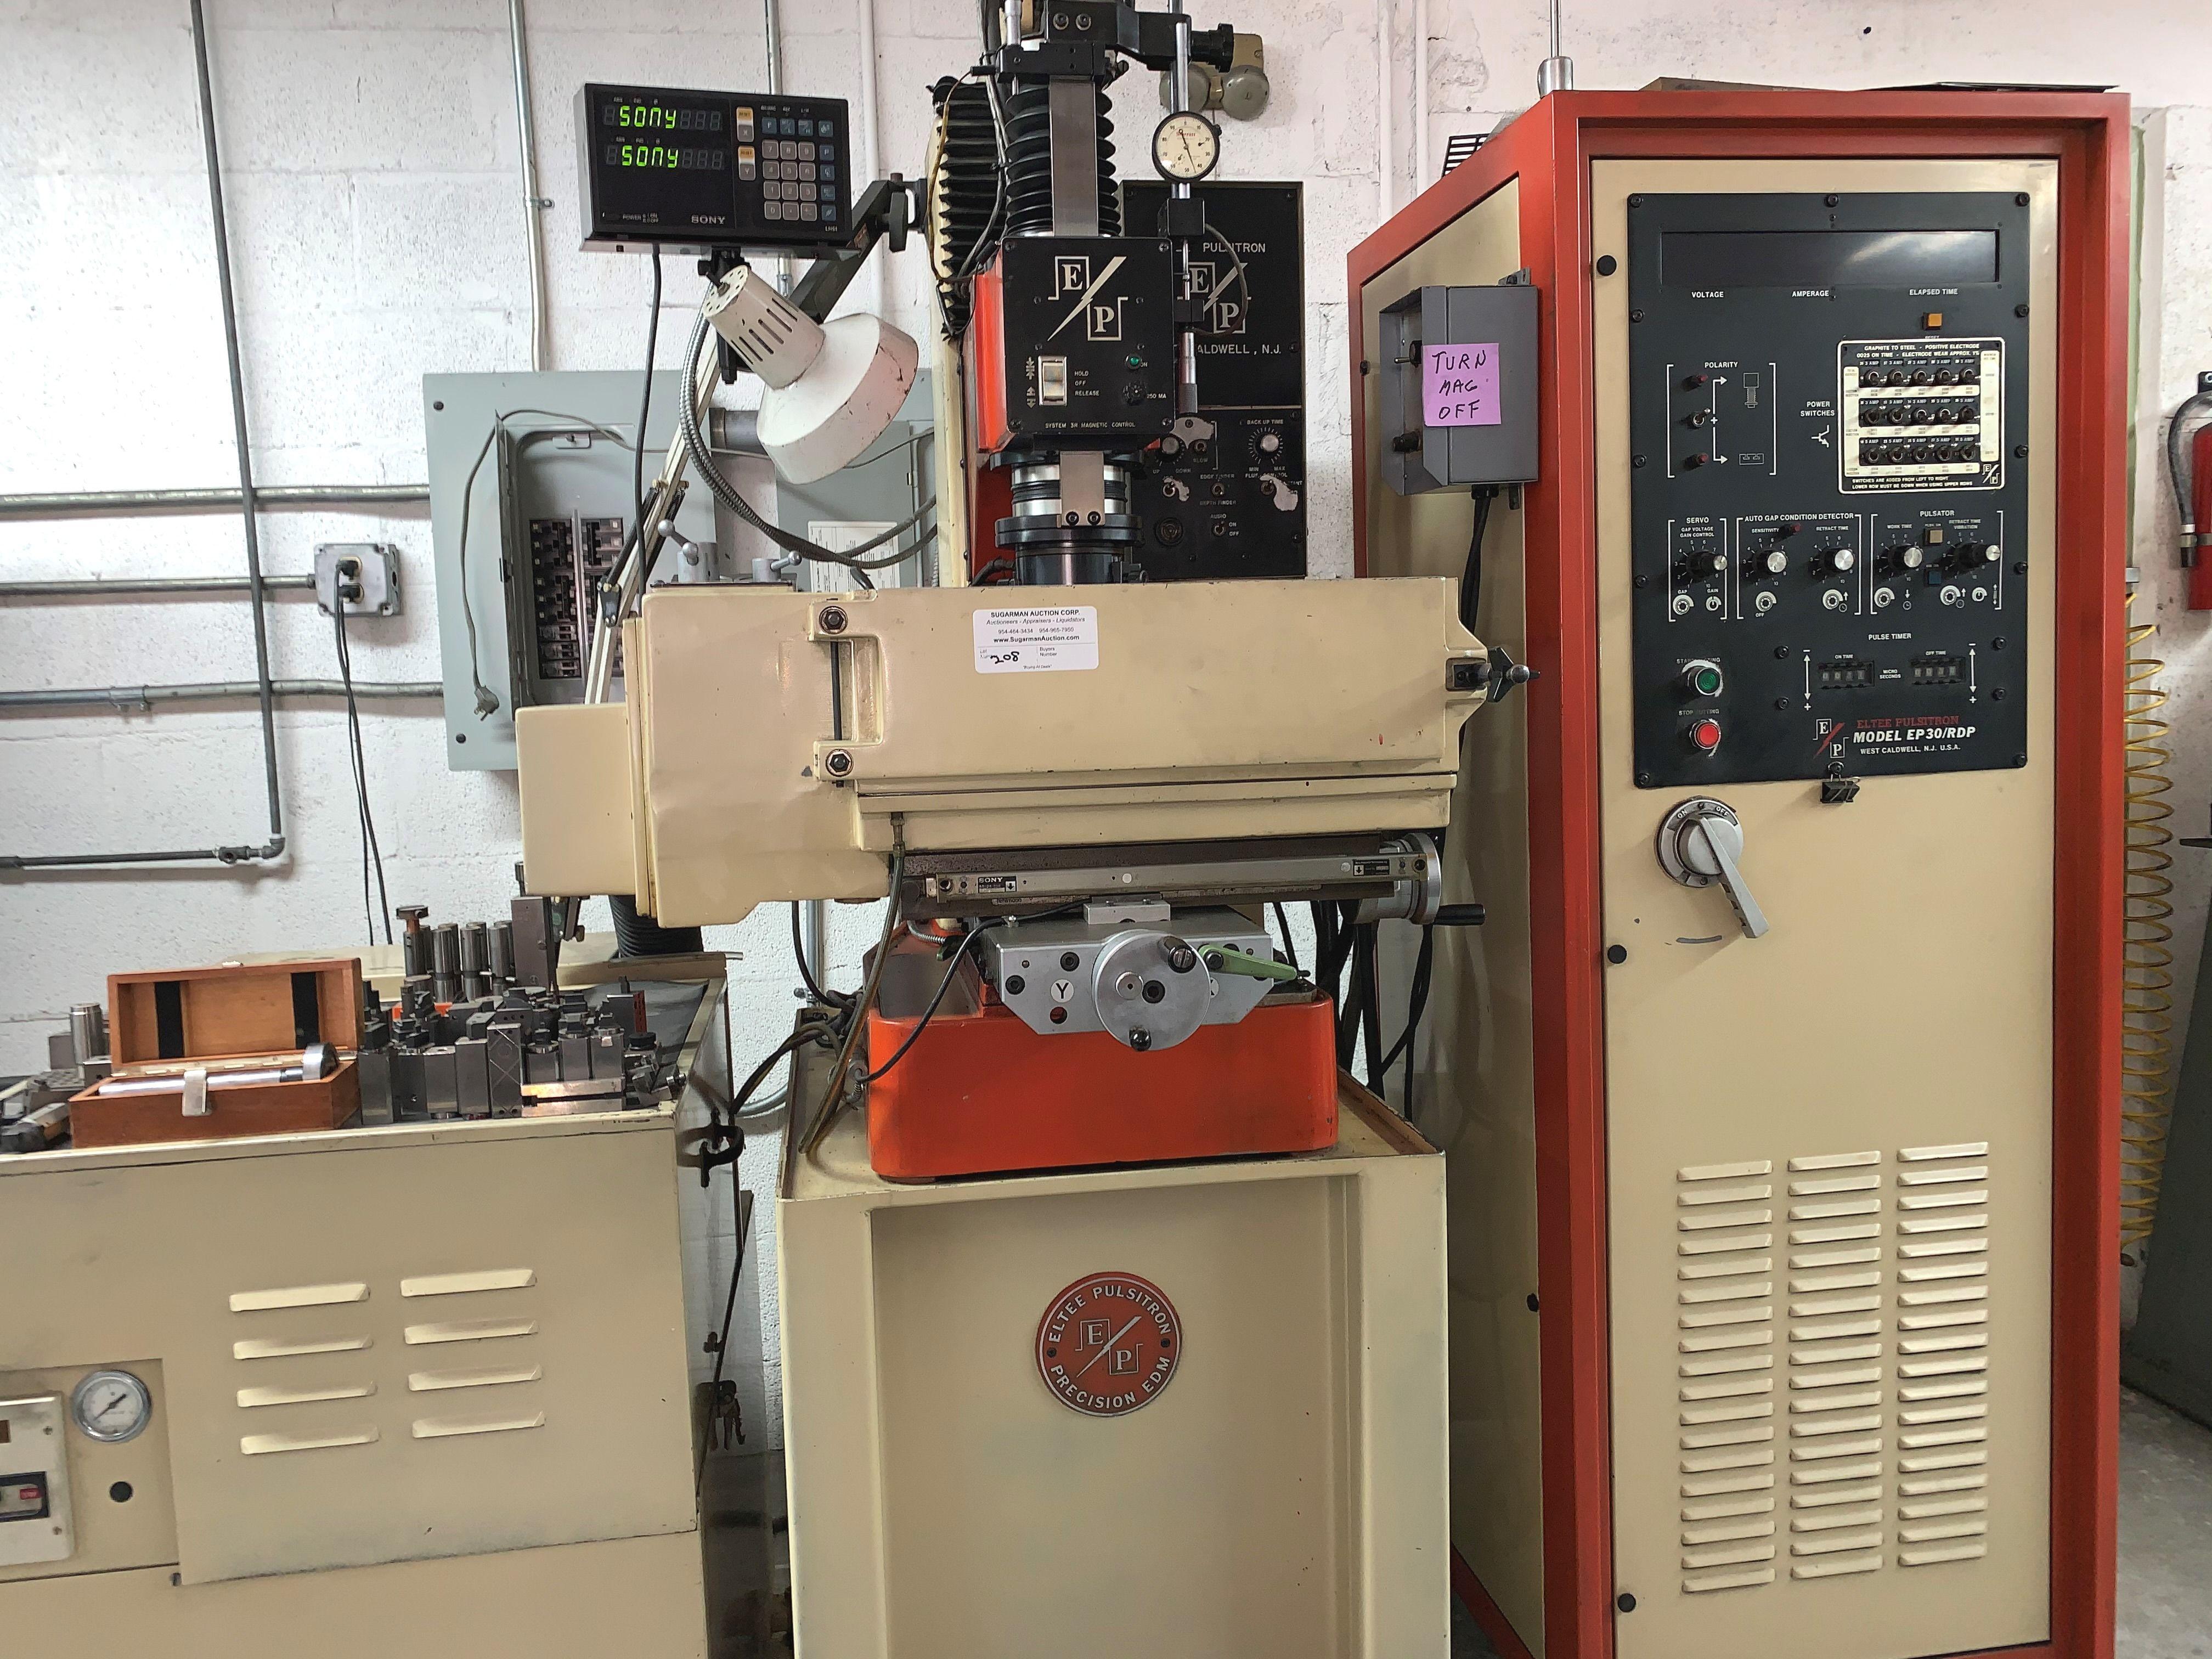 Eltee Pulsitron EDM Machine, Serial # 1515, Vacuum & Extra Filters